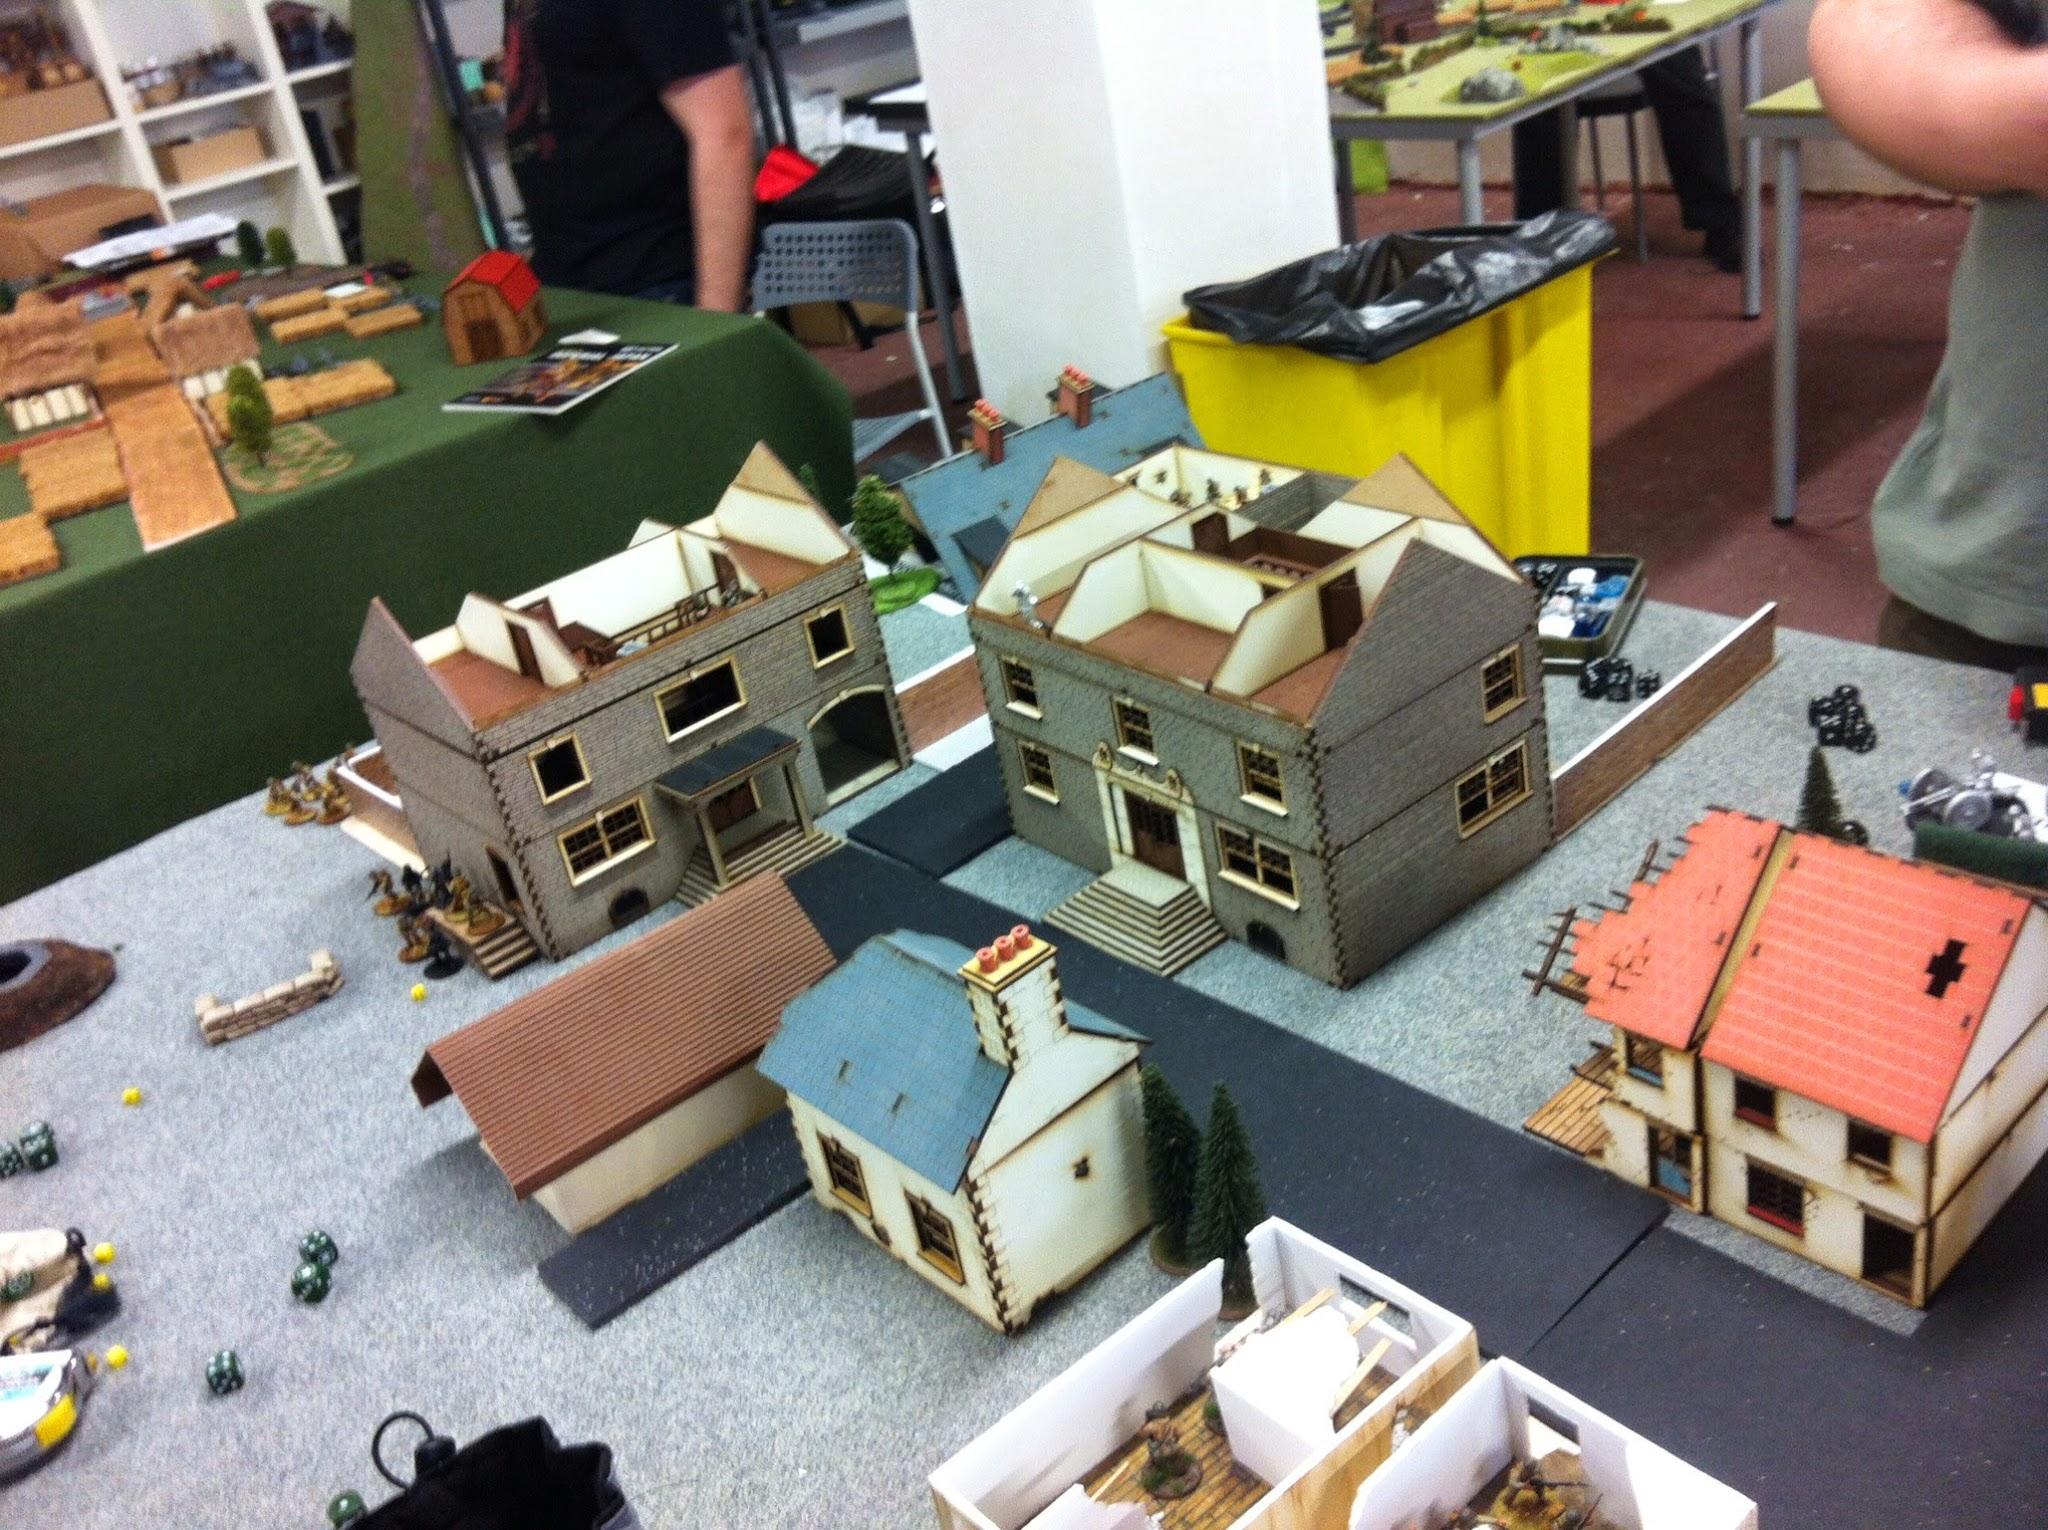 escenografía, terreno, edificios, 4Ground, Mantic Games, Bolt Action, Crying Grumpies